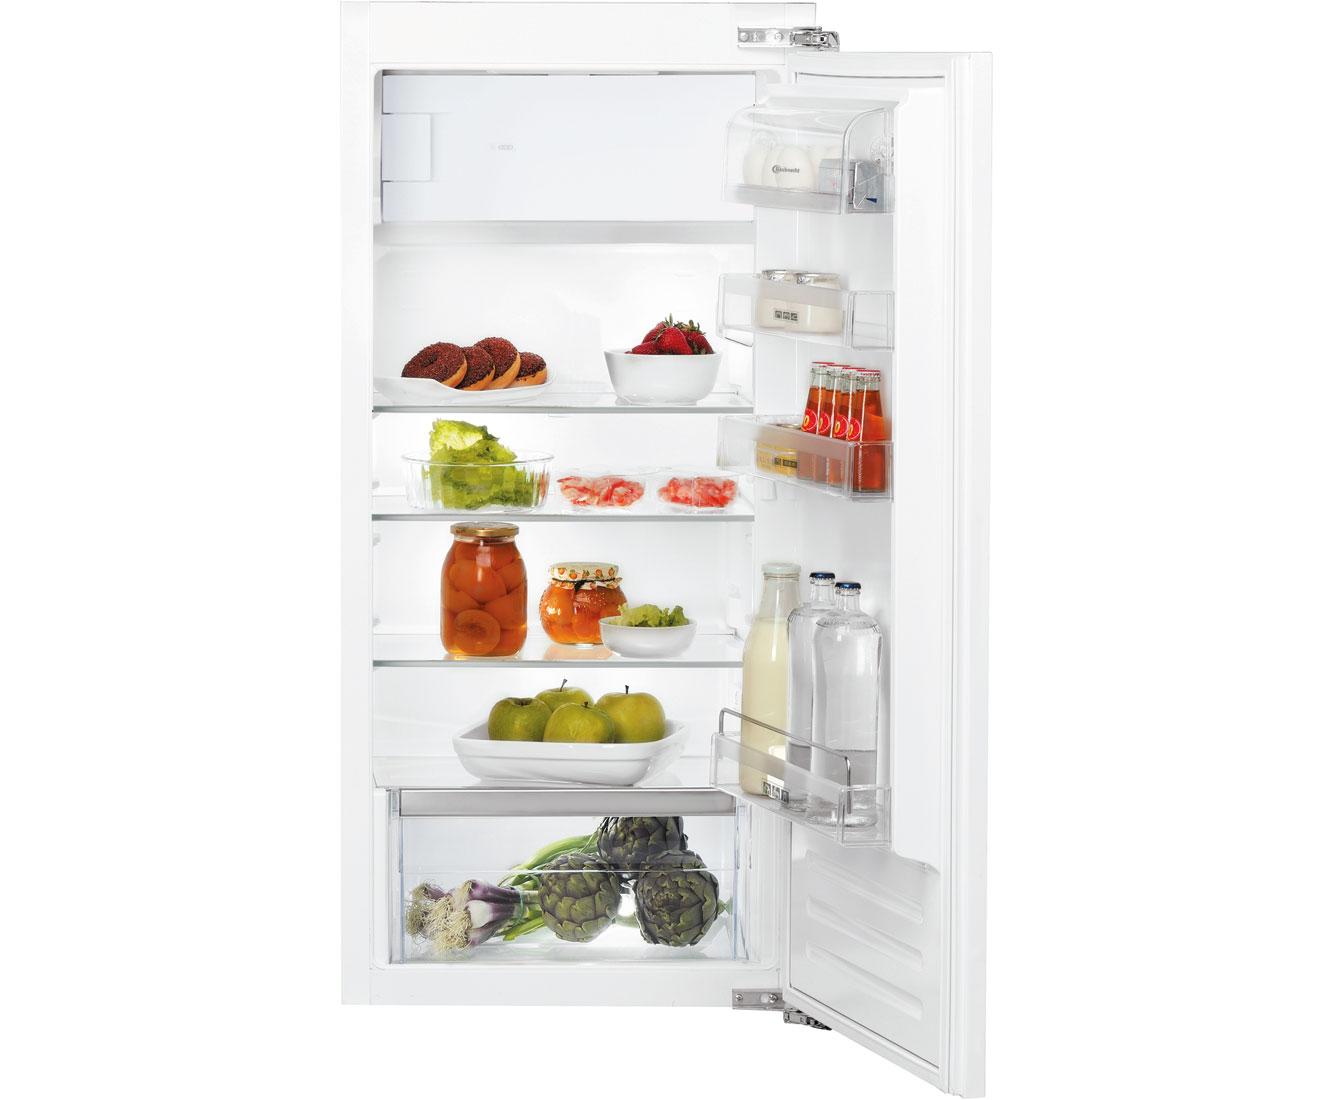 Gorenje Einbau Kühlschrank 122 Cm : Einbaukühlschrank cm ohne gefrierfach no frost siemens